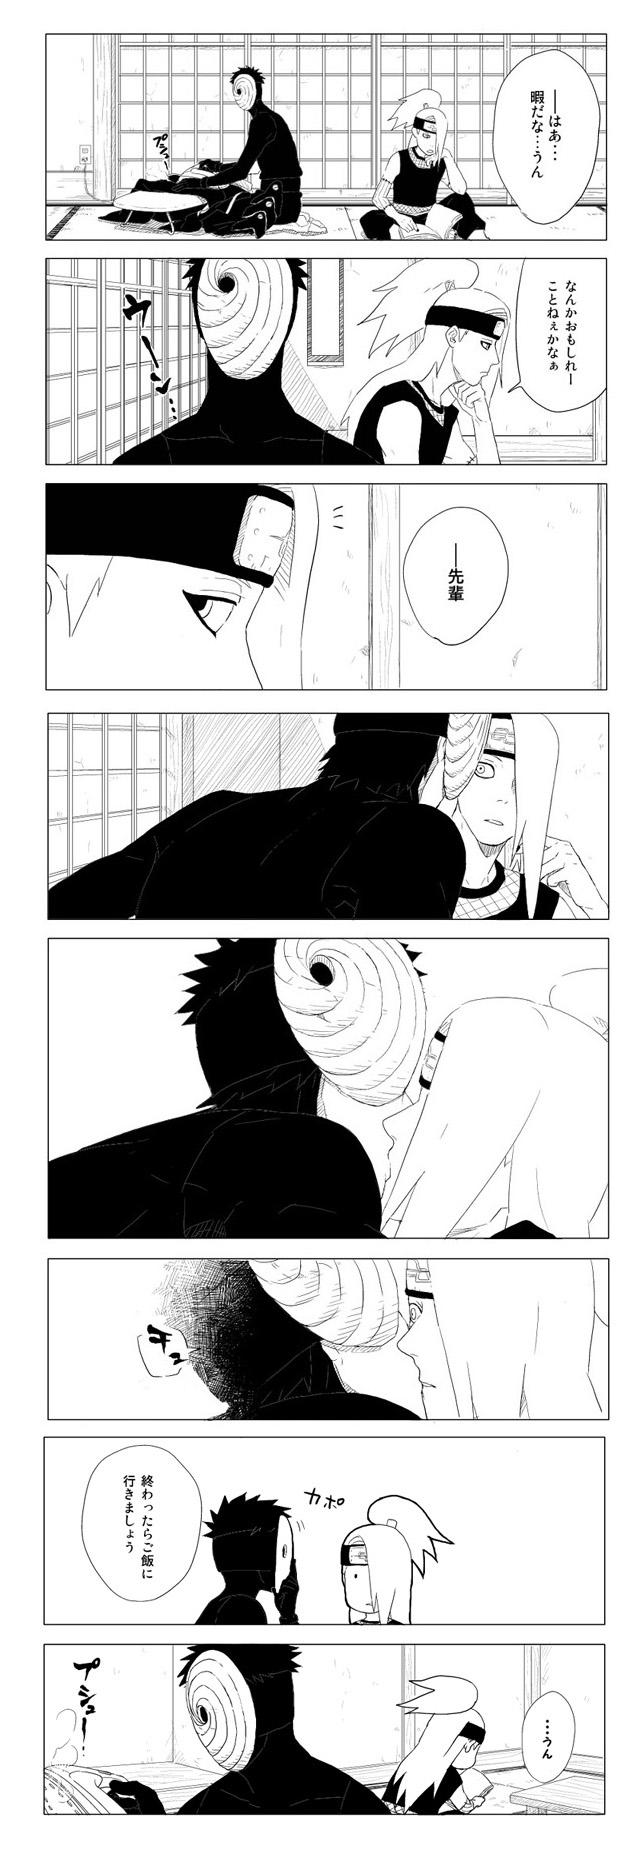 Tags: Anime, Mannmaruu, NARUTO, Tobi, Deidara, TobiDei, Akatsuki (NARUTO)